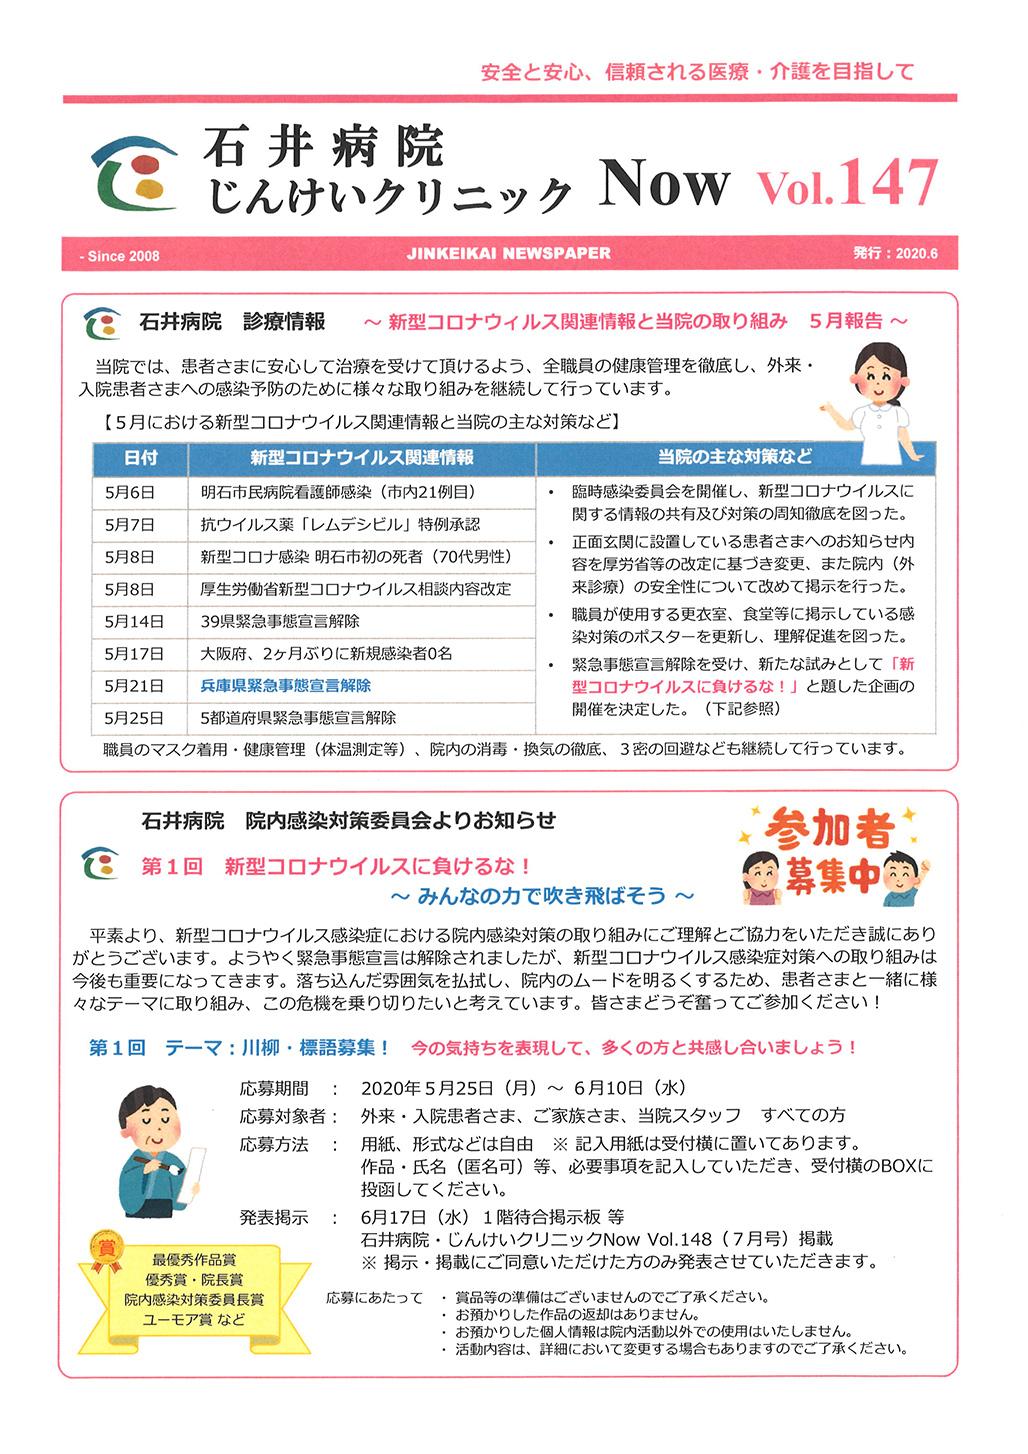 コロナ 甲状腺